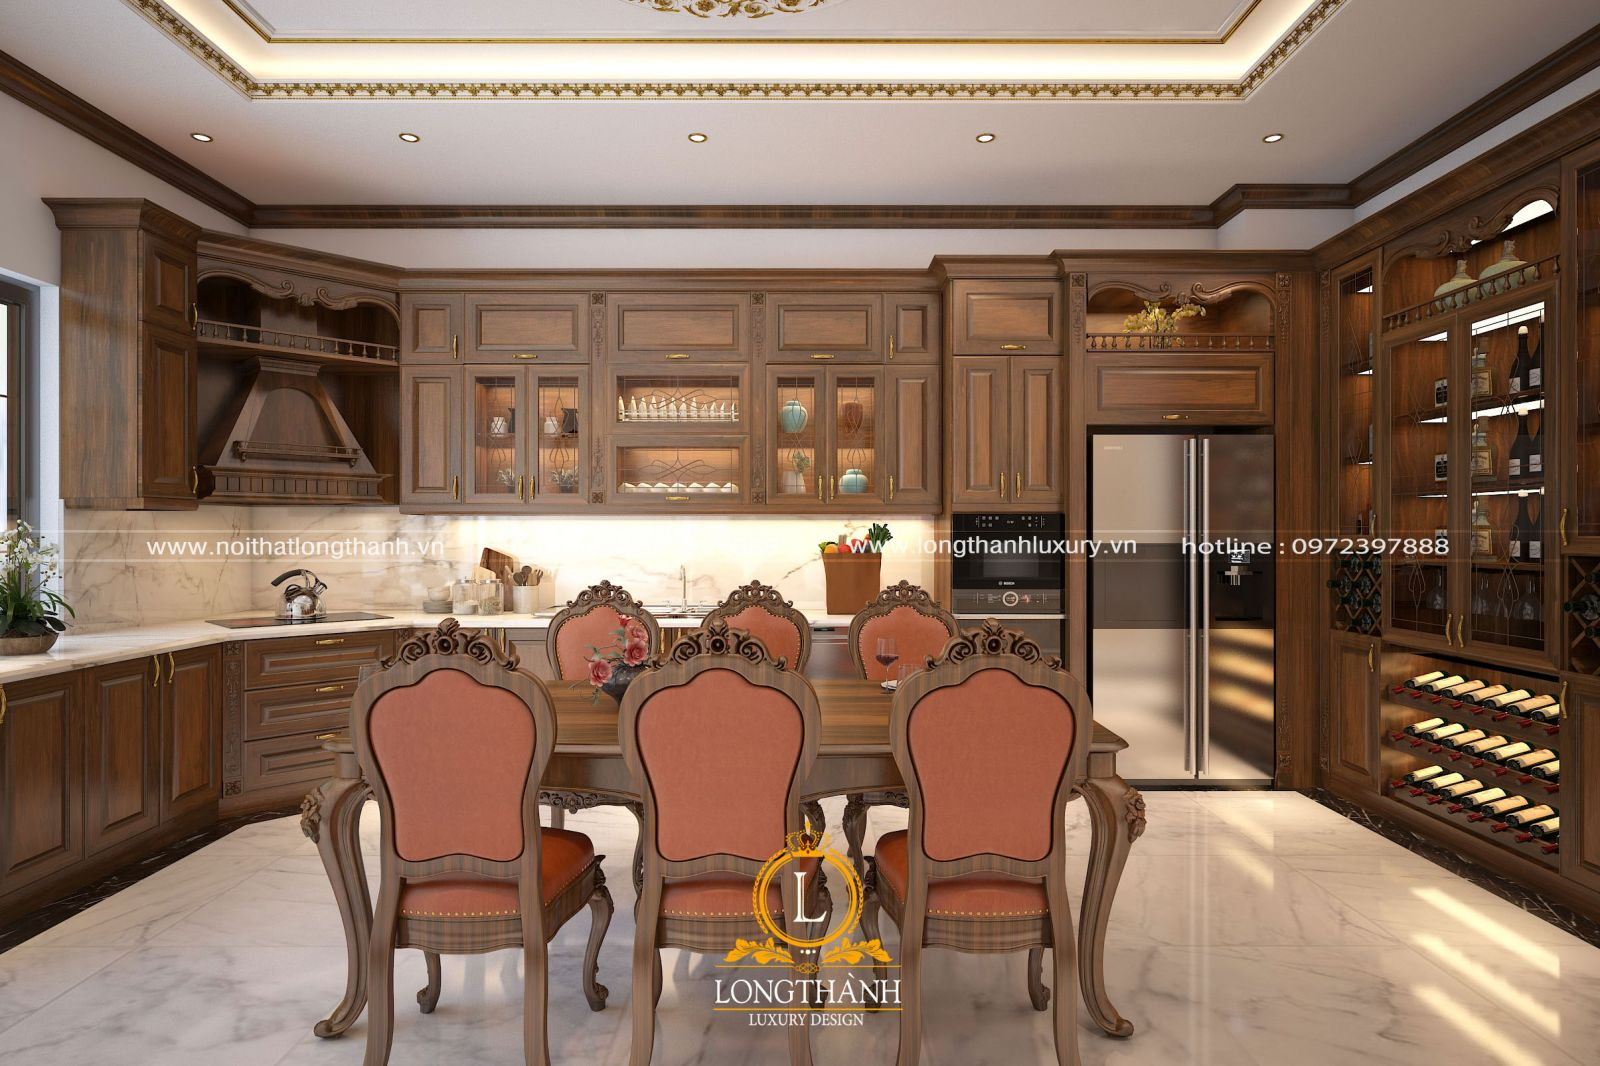 Tủ bếp đẹp được thiết kế ấm cúng hài hòa cùng không gian